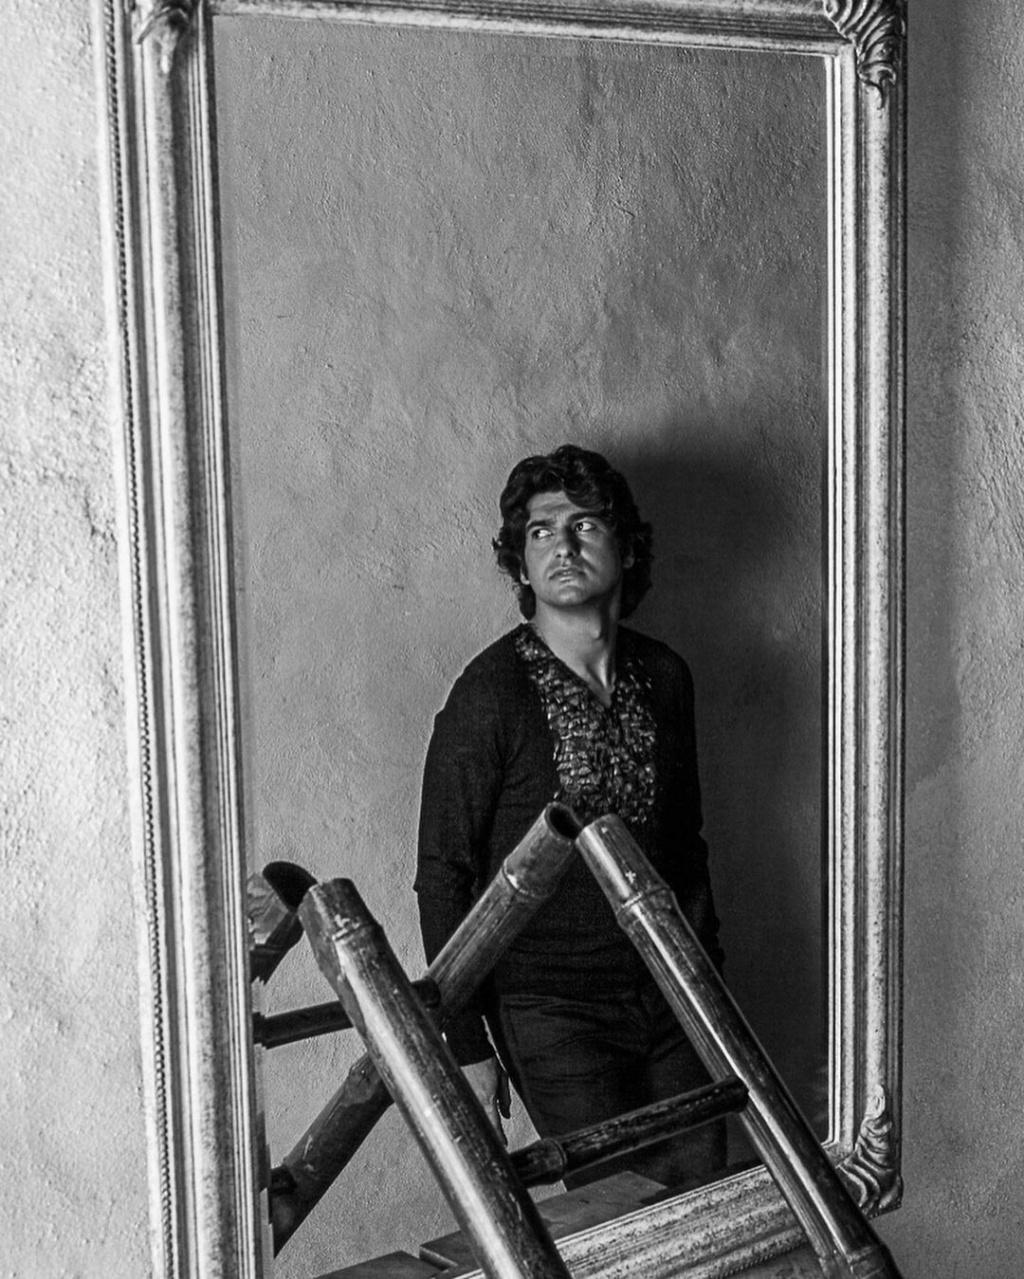 Una foto de Morante cada día - Página 10 15133210